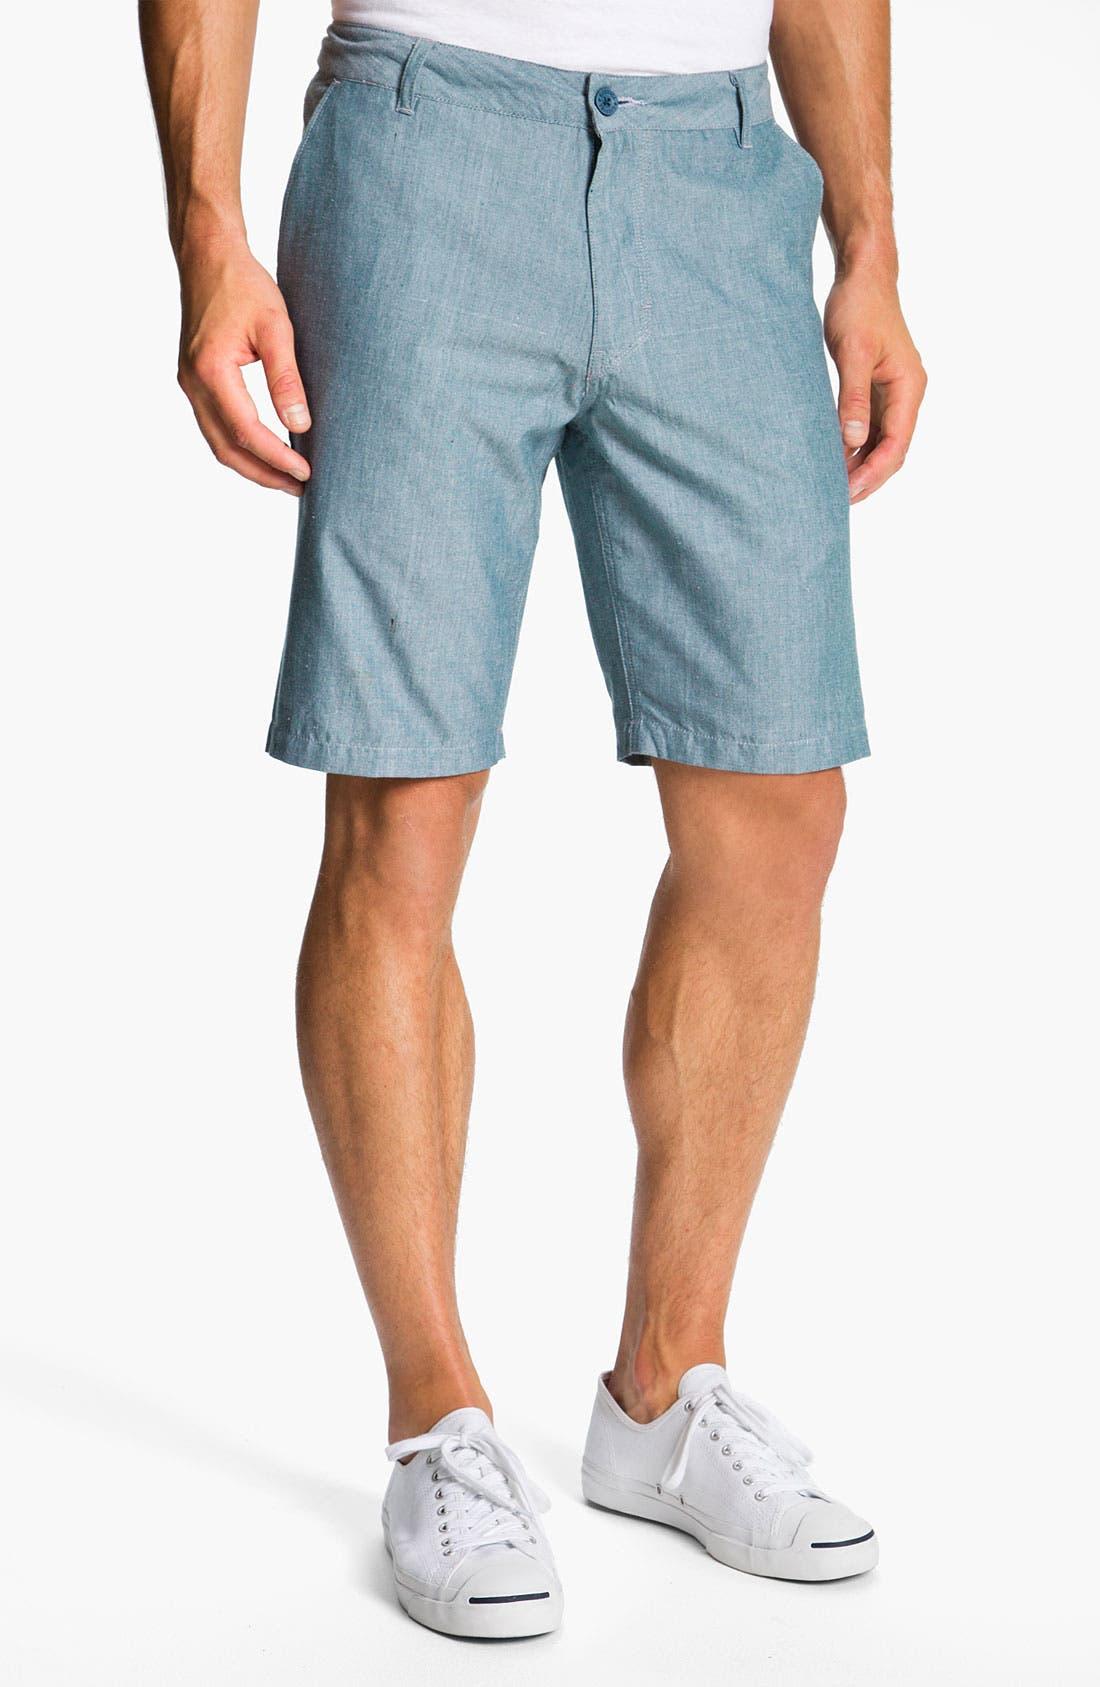 Alternate Image 1 Selected - Ezekiel 'Riverside' Shorts